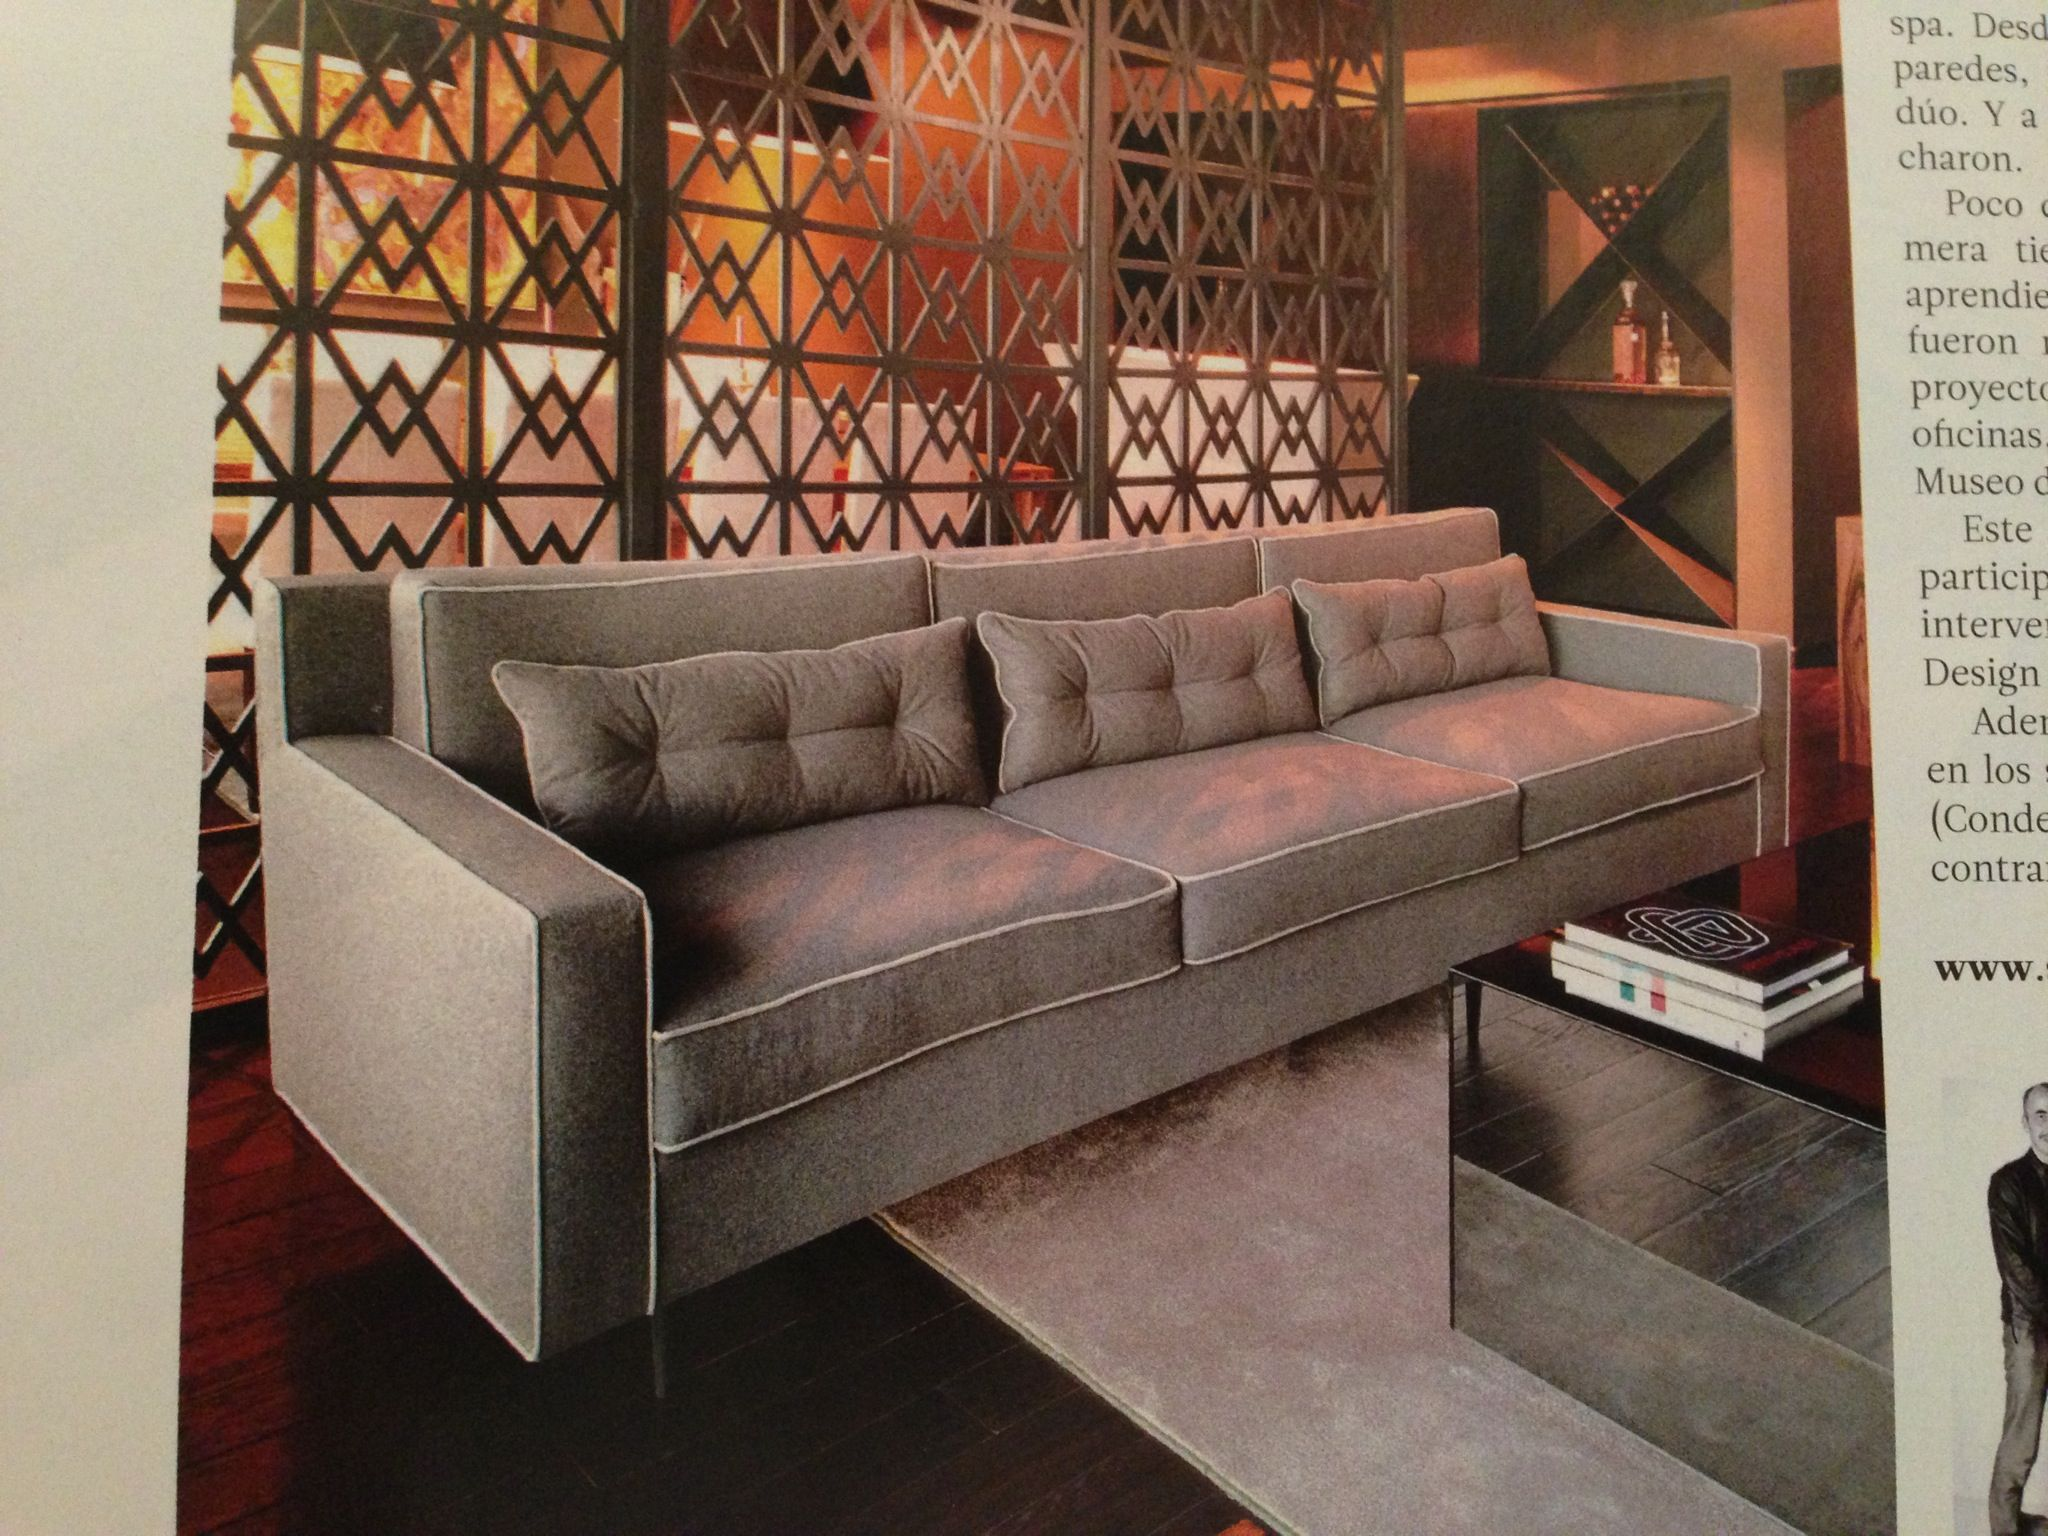 Sillon 4 Livingroom Pinterest Sillones Cosas Para El Hogar  # Muebles Piel De Durazno